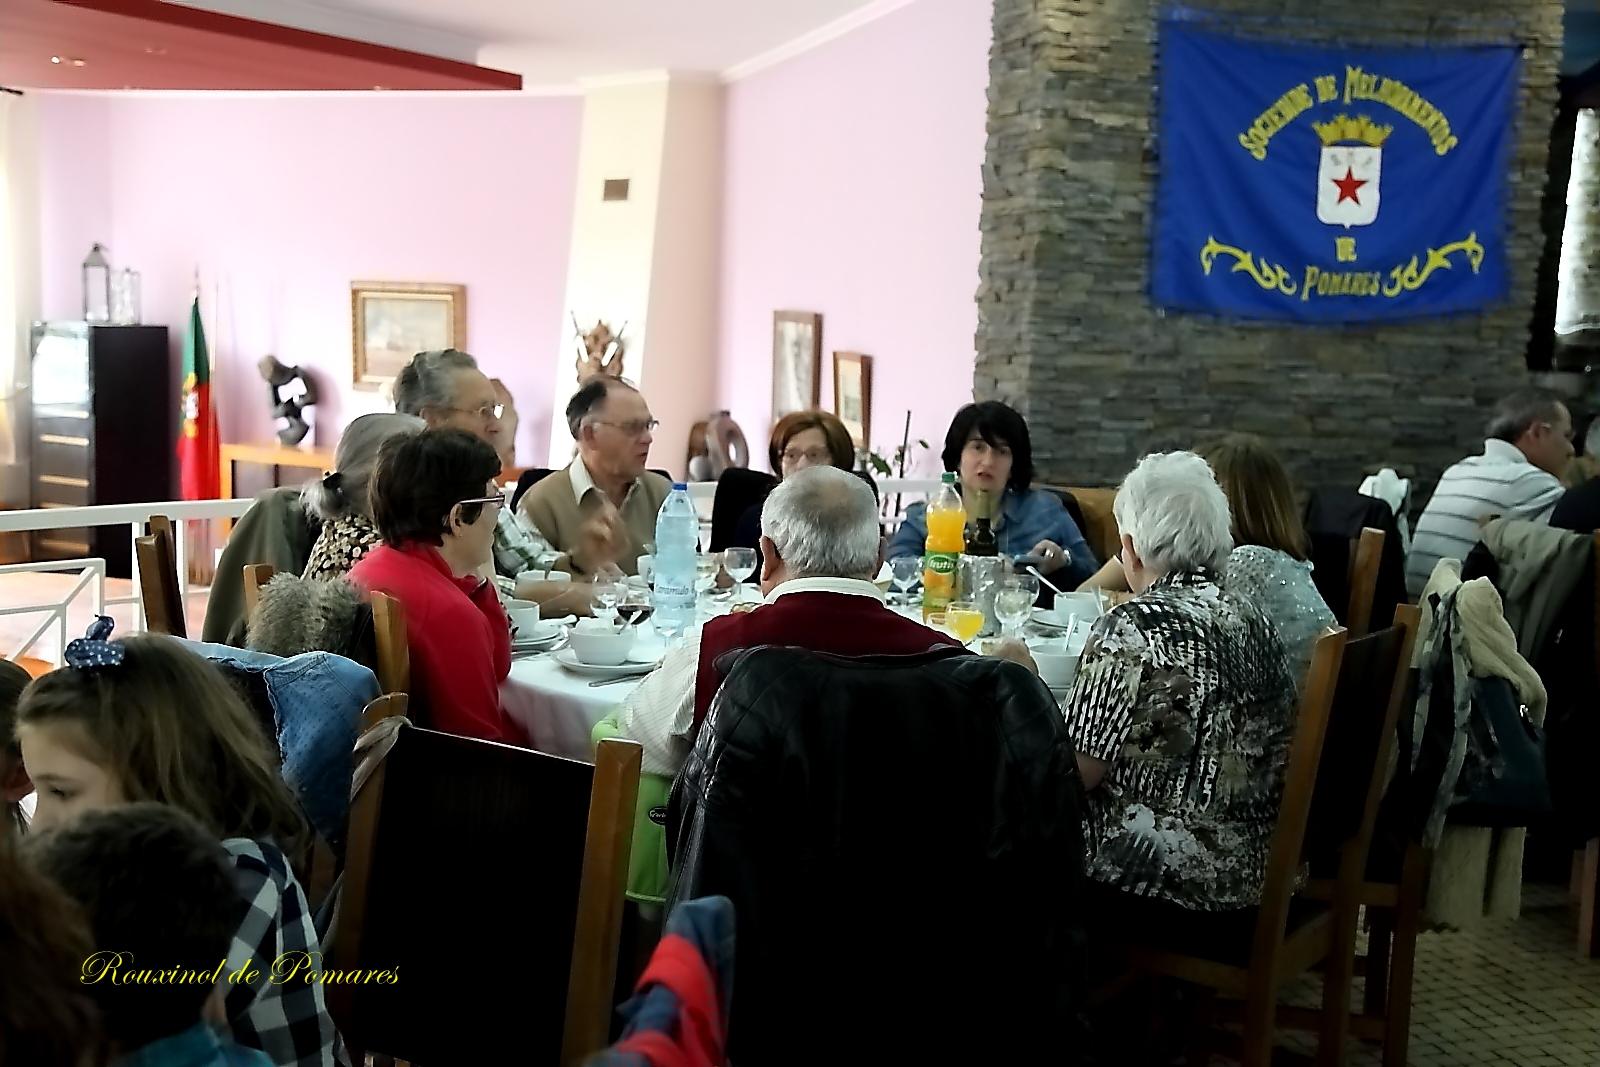 Almoço Comemoração 95 Anos Sociedade  (18)